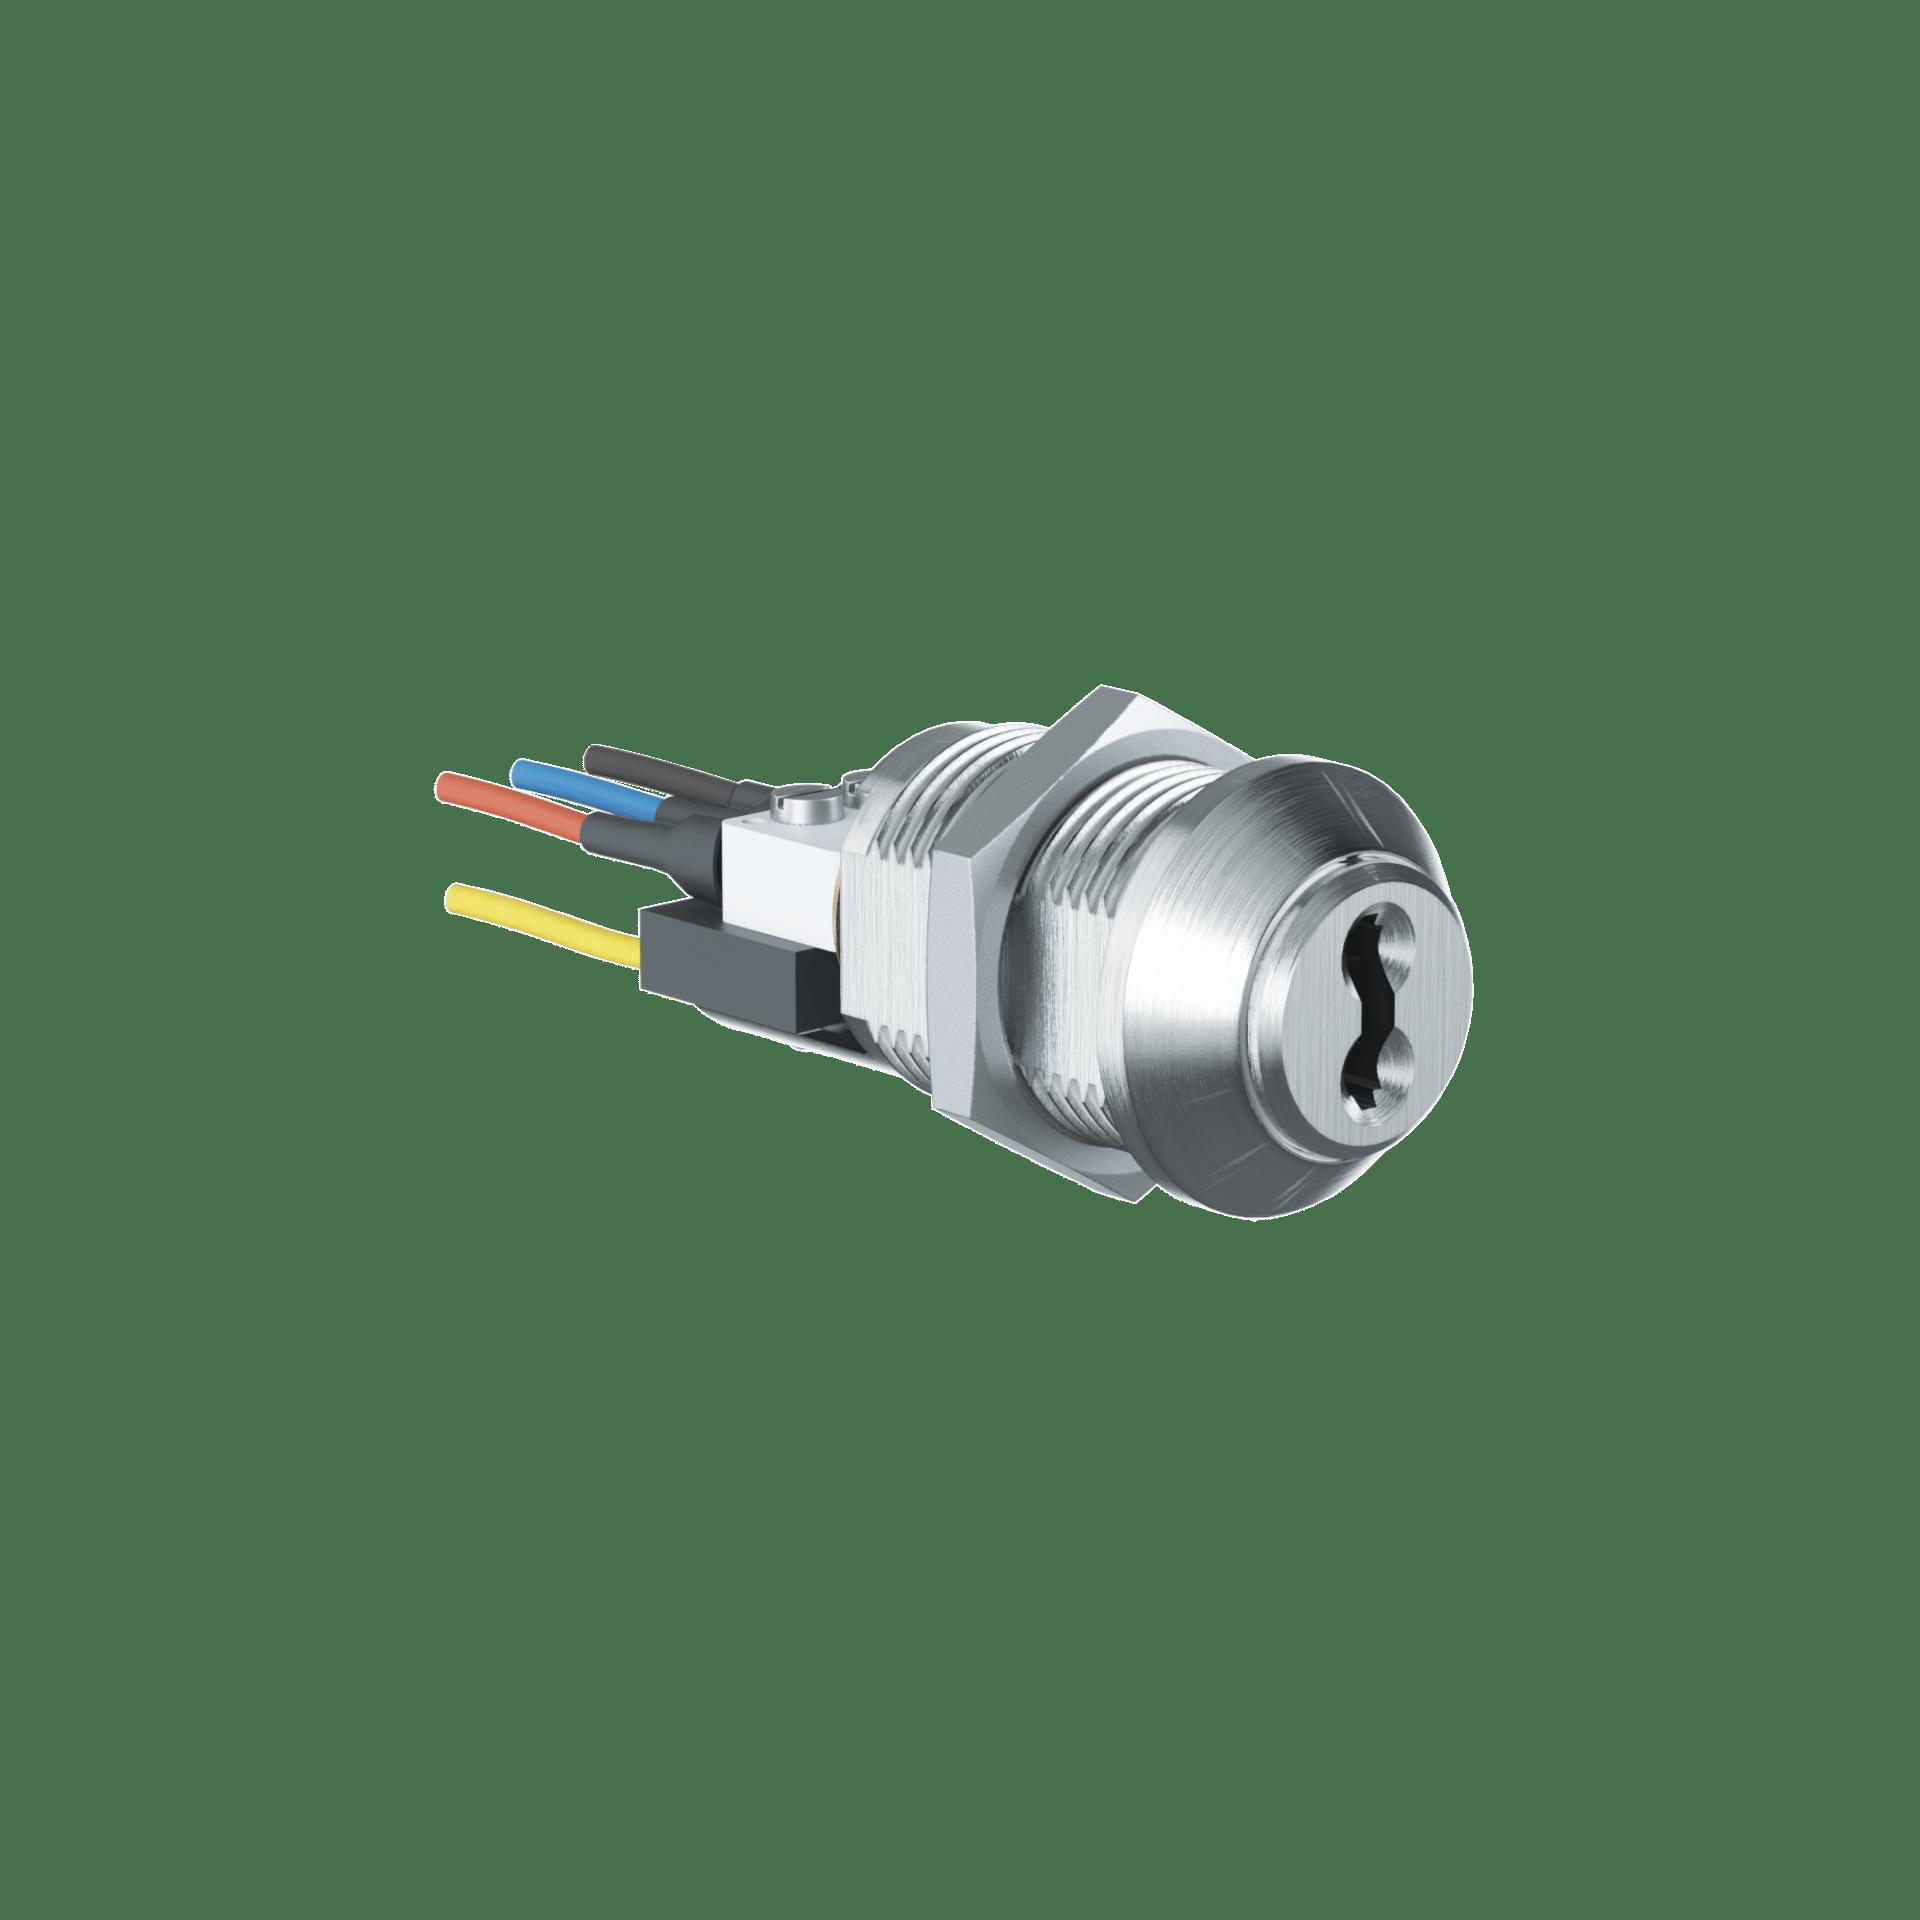 електричний циліндровий перемикач MB19SZ Switch Cylinder